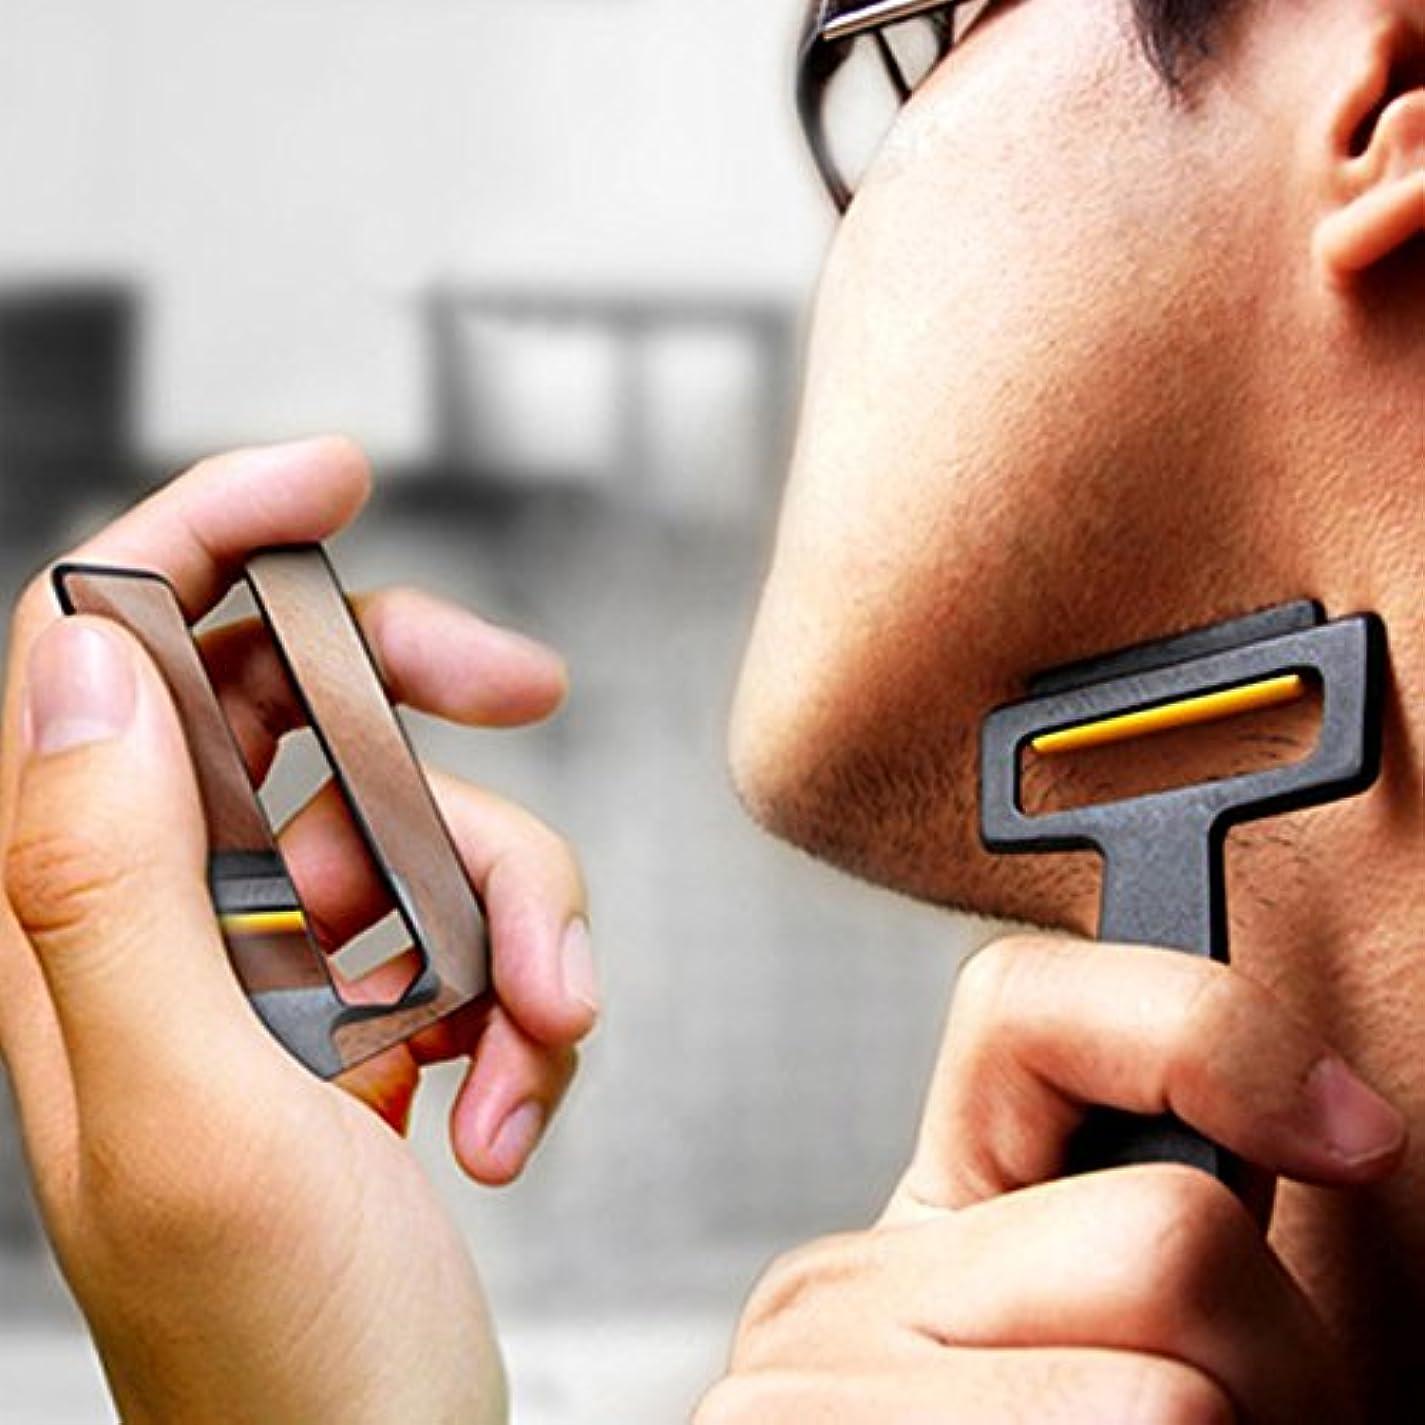 自分世界対人Pogass Carzor 3 In 1 Card設計された財布ミニかみそりビードポータブルひげ剃りミラースタンドキット